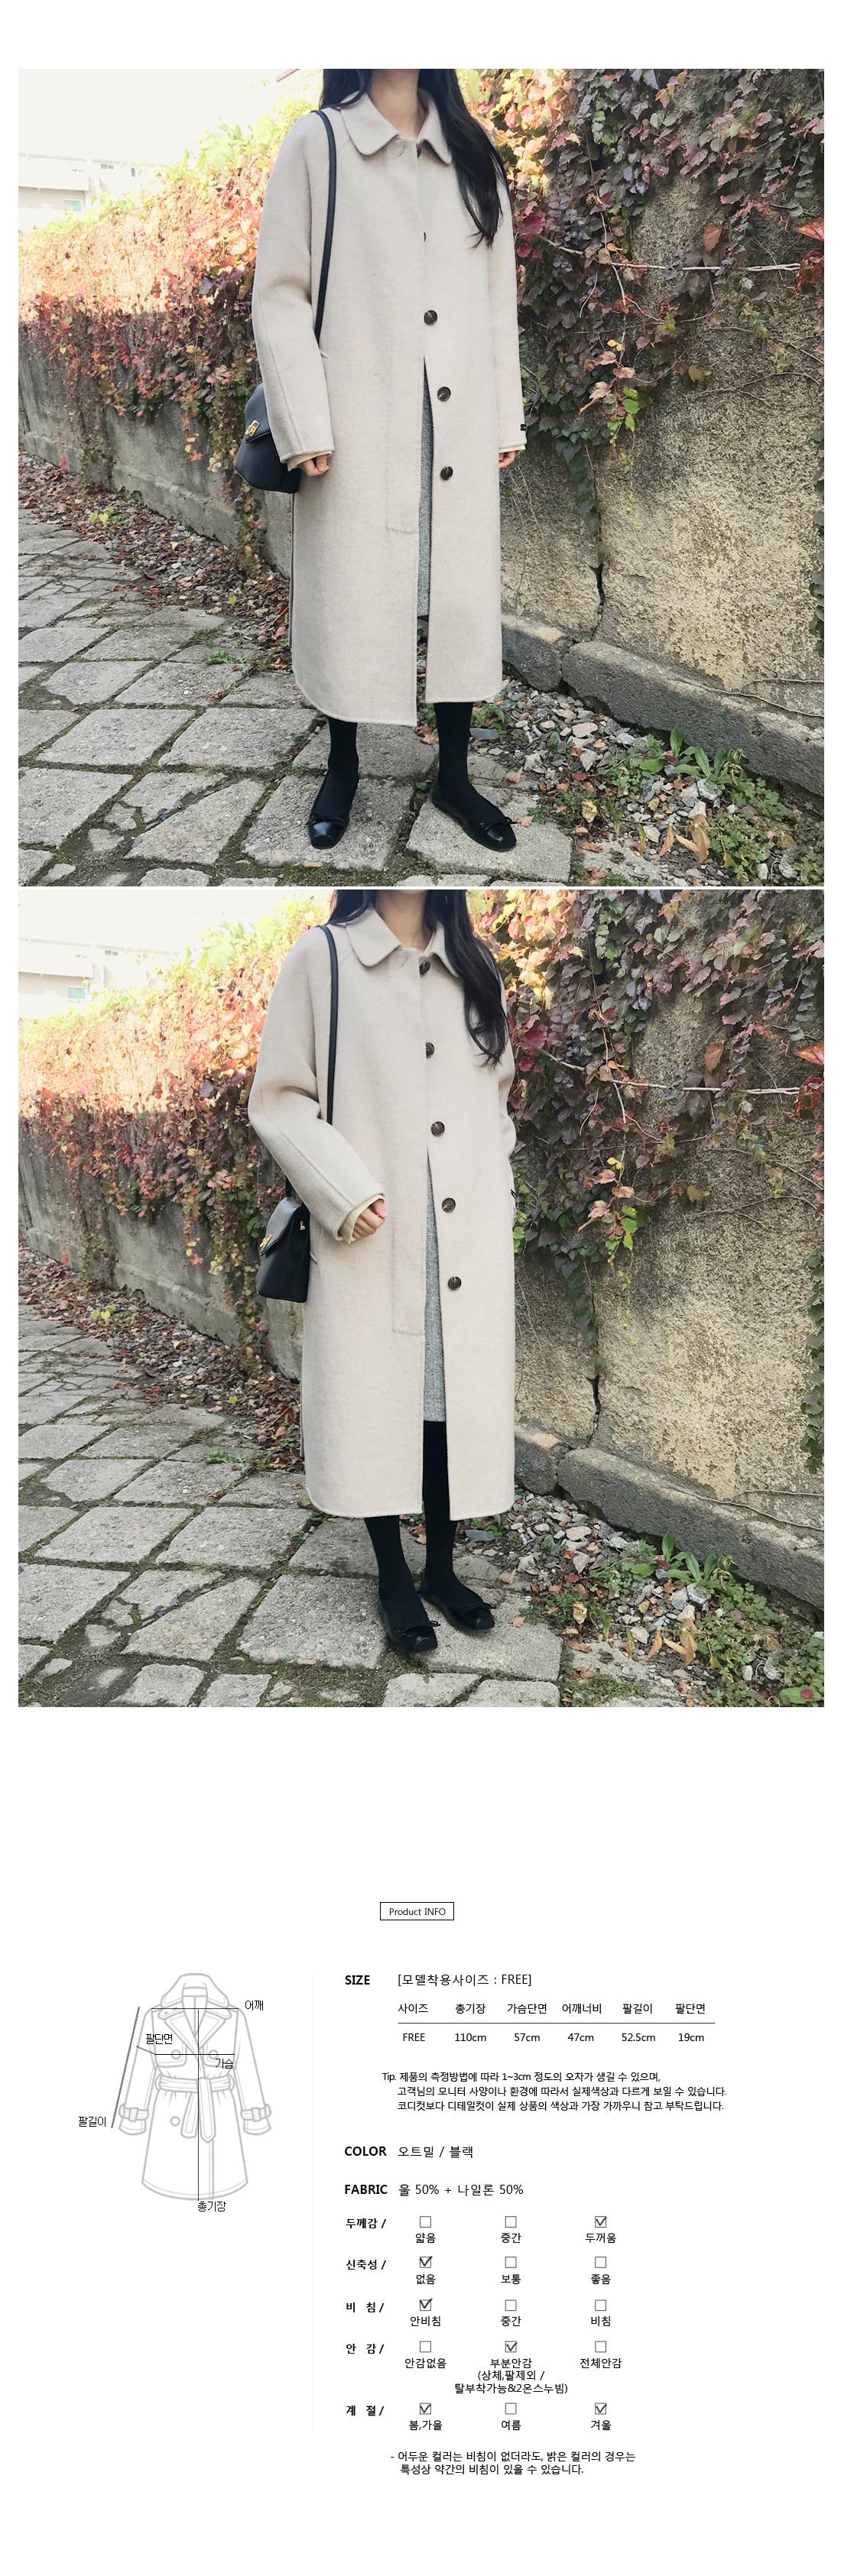 Tiff Single Long Handmade Coat